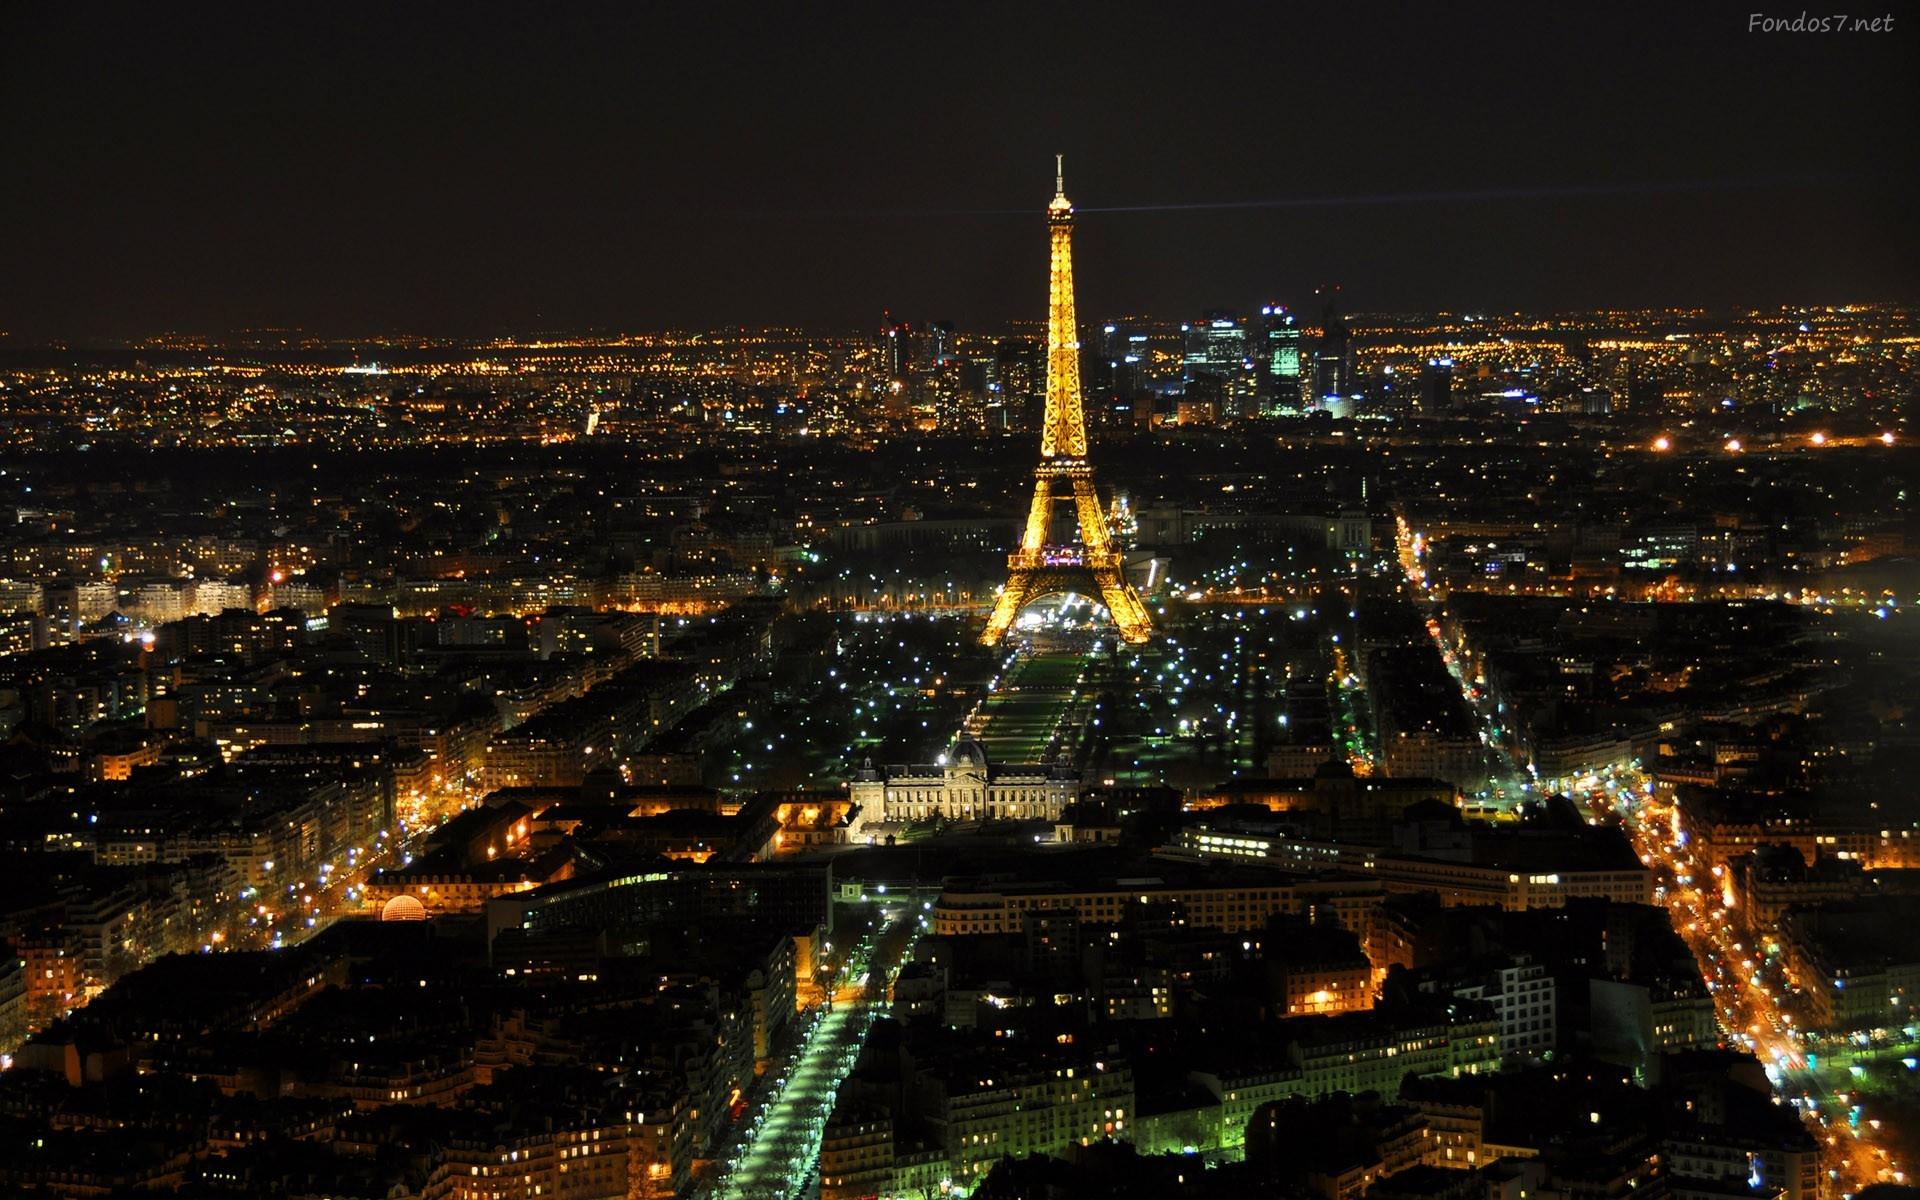 Descargar Fondos de pantalla paris francia 2011 hd widescreen Gratis 1920x1200